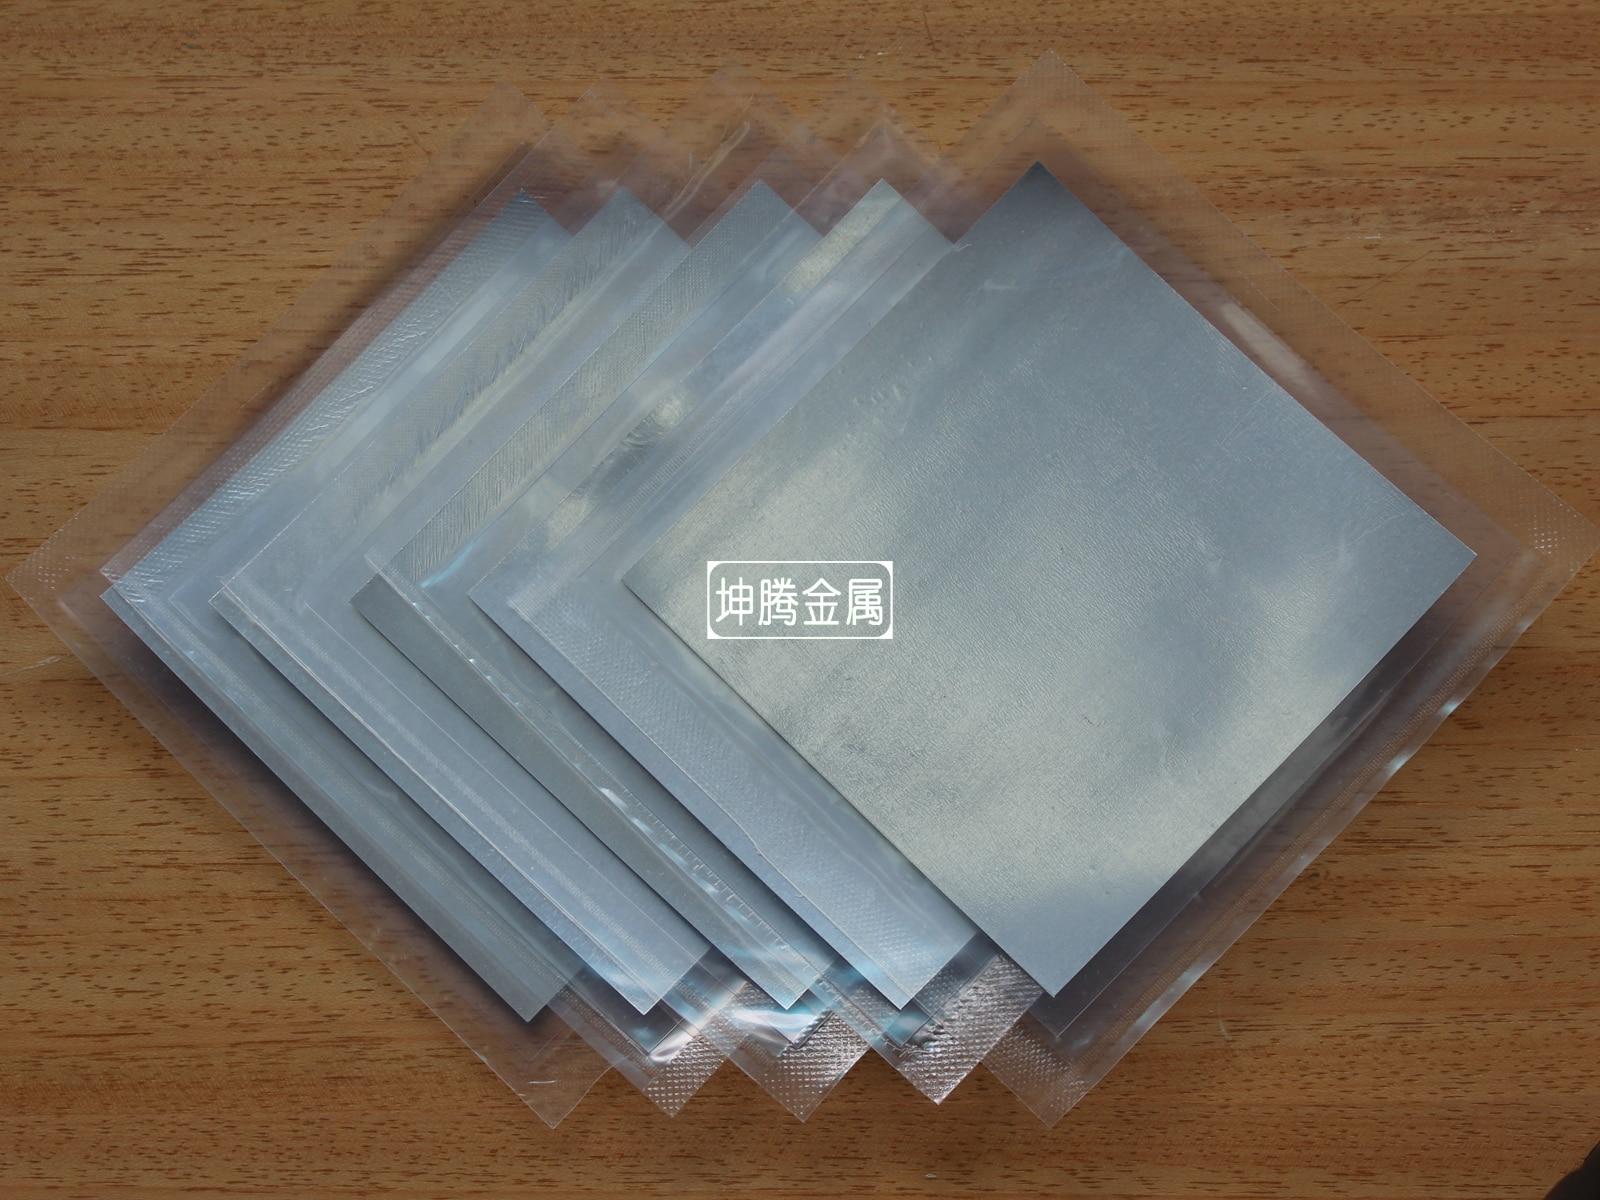 Indium Foil Indium Film Indium Paper 120 Mm * 120 Mm * 0.1 Mm Laser Electron Electrode MaterialIndium Foil Indium Film Indium Paper 120 Mm * 120 Mm * 0.1 Mm Laser Electron Electrode Material